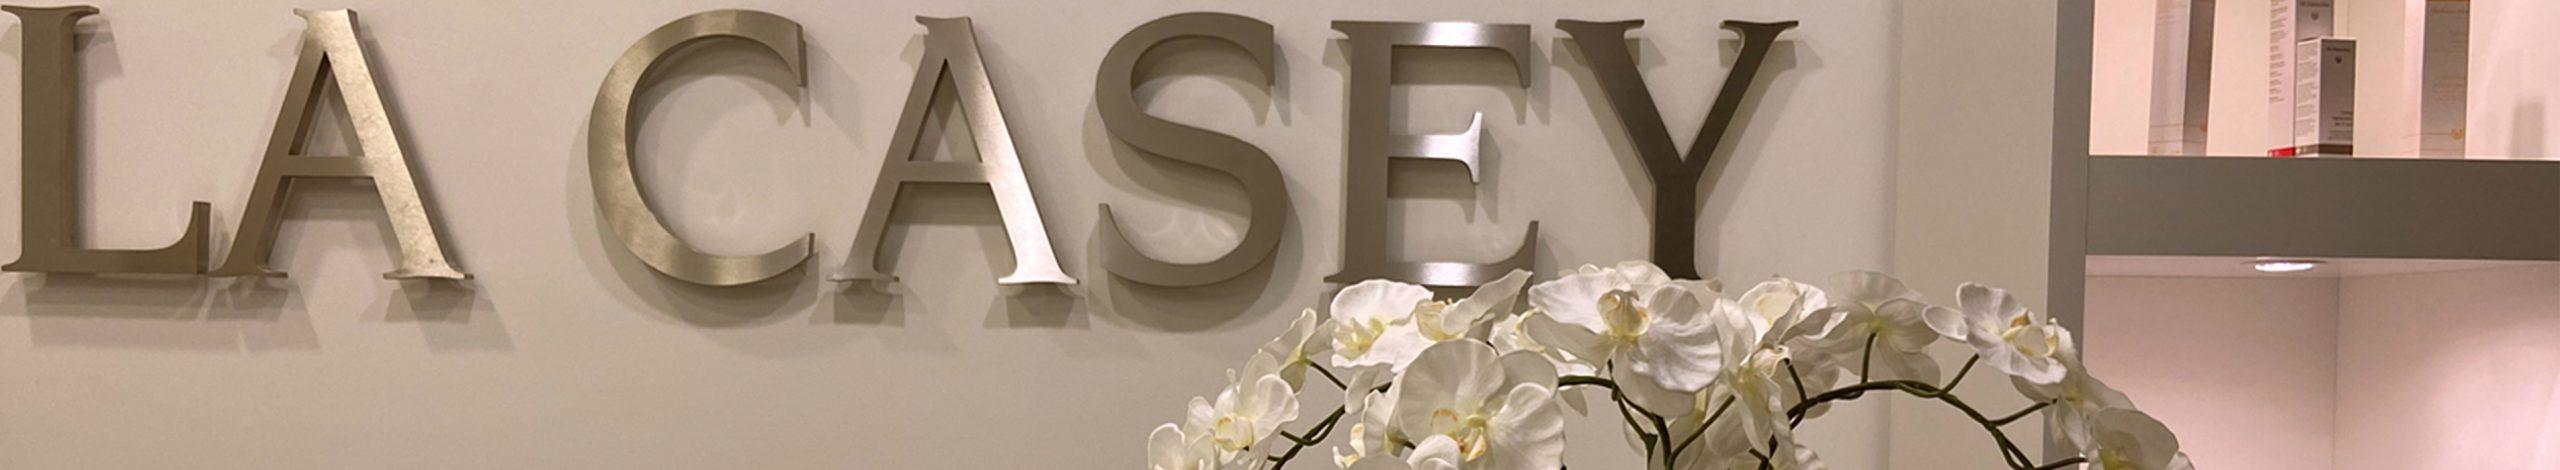 Aanbiedingen - La Casey Laserkliniek